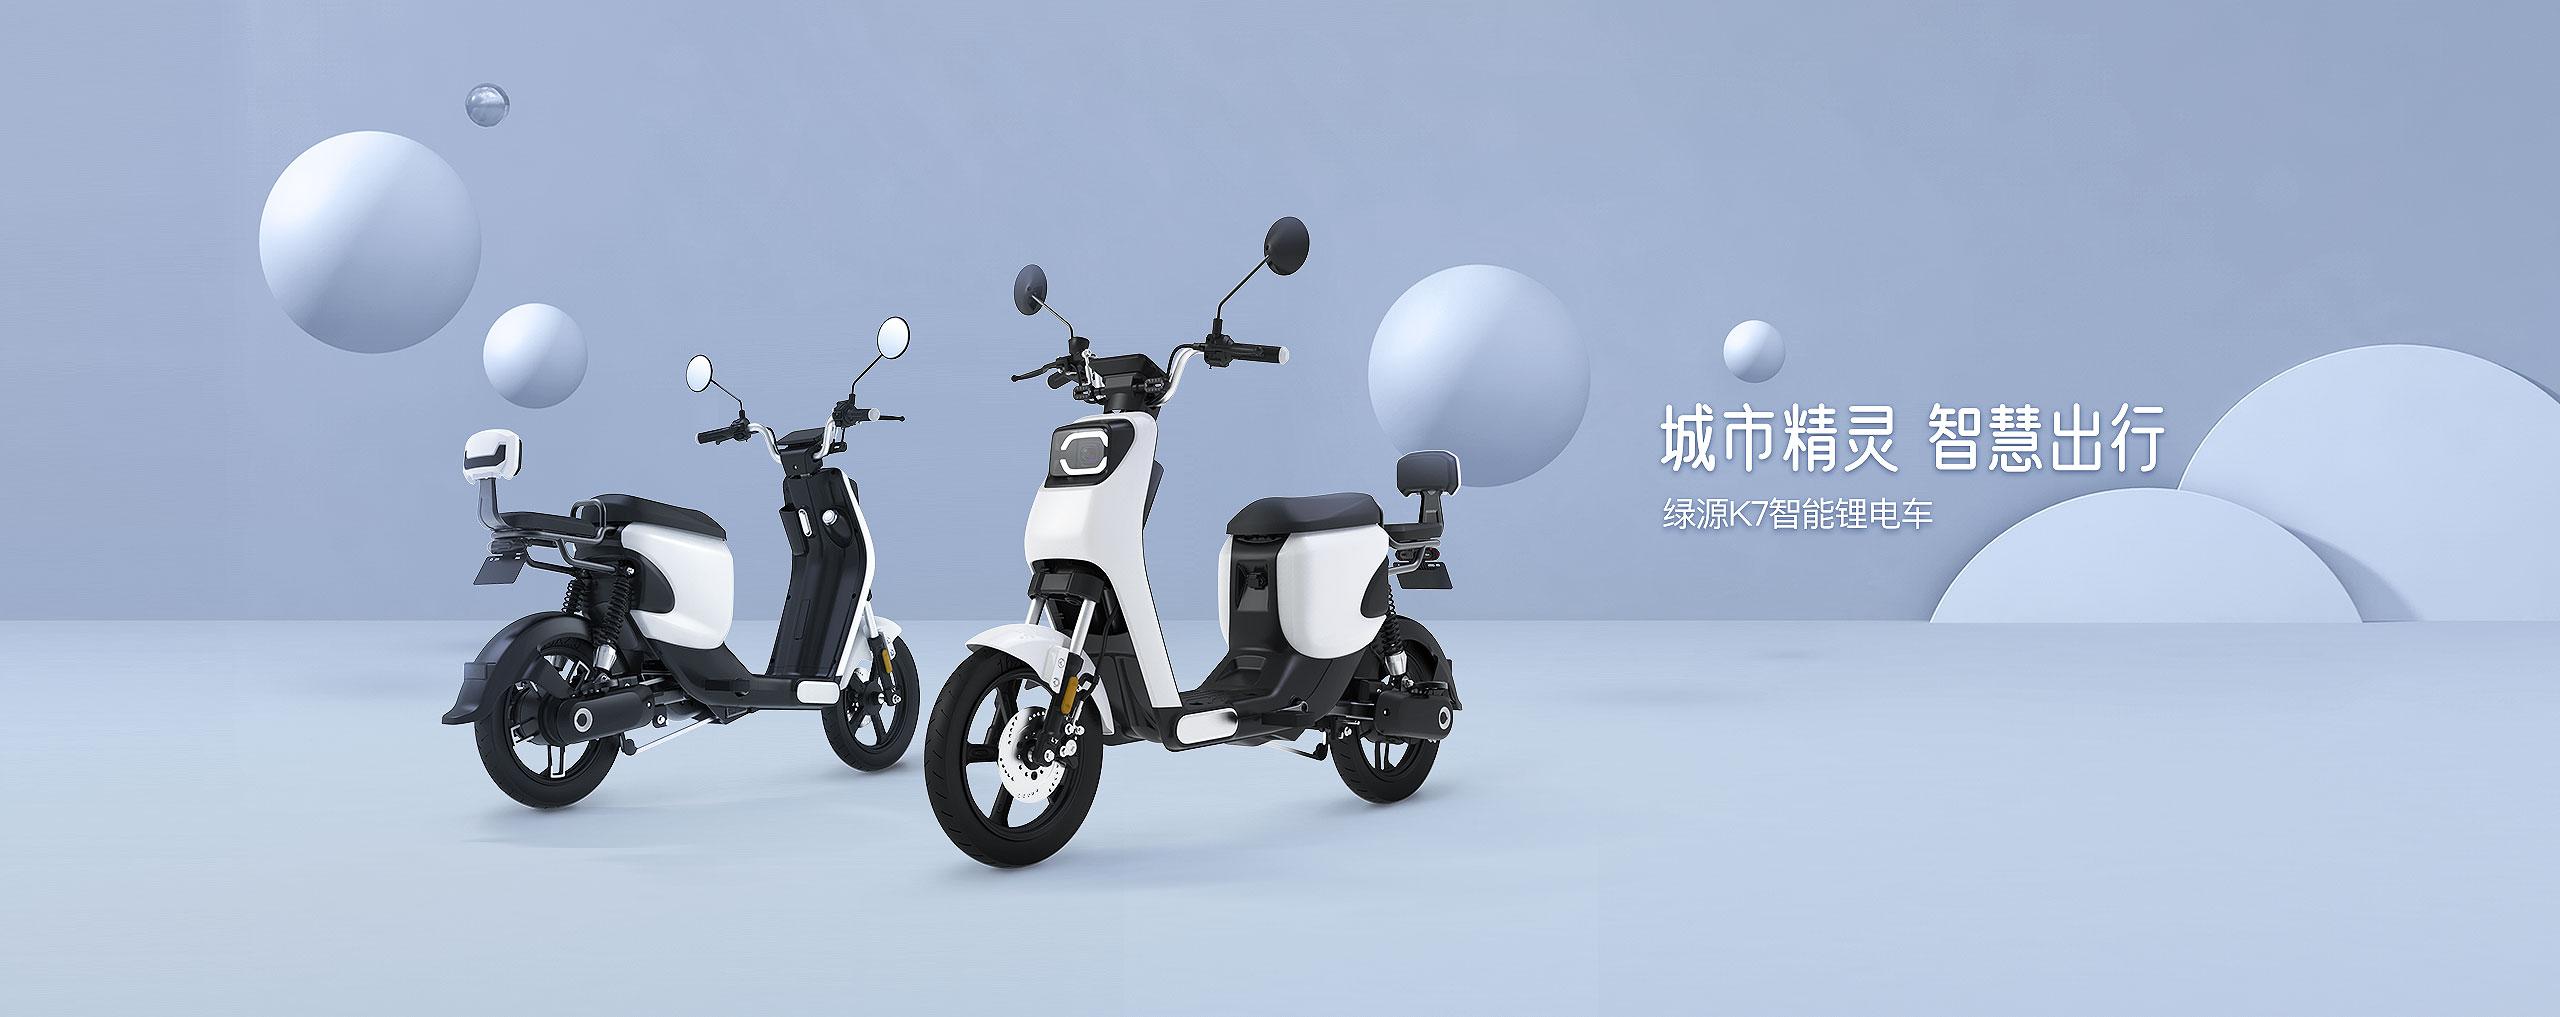 电动自行车-Banner1